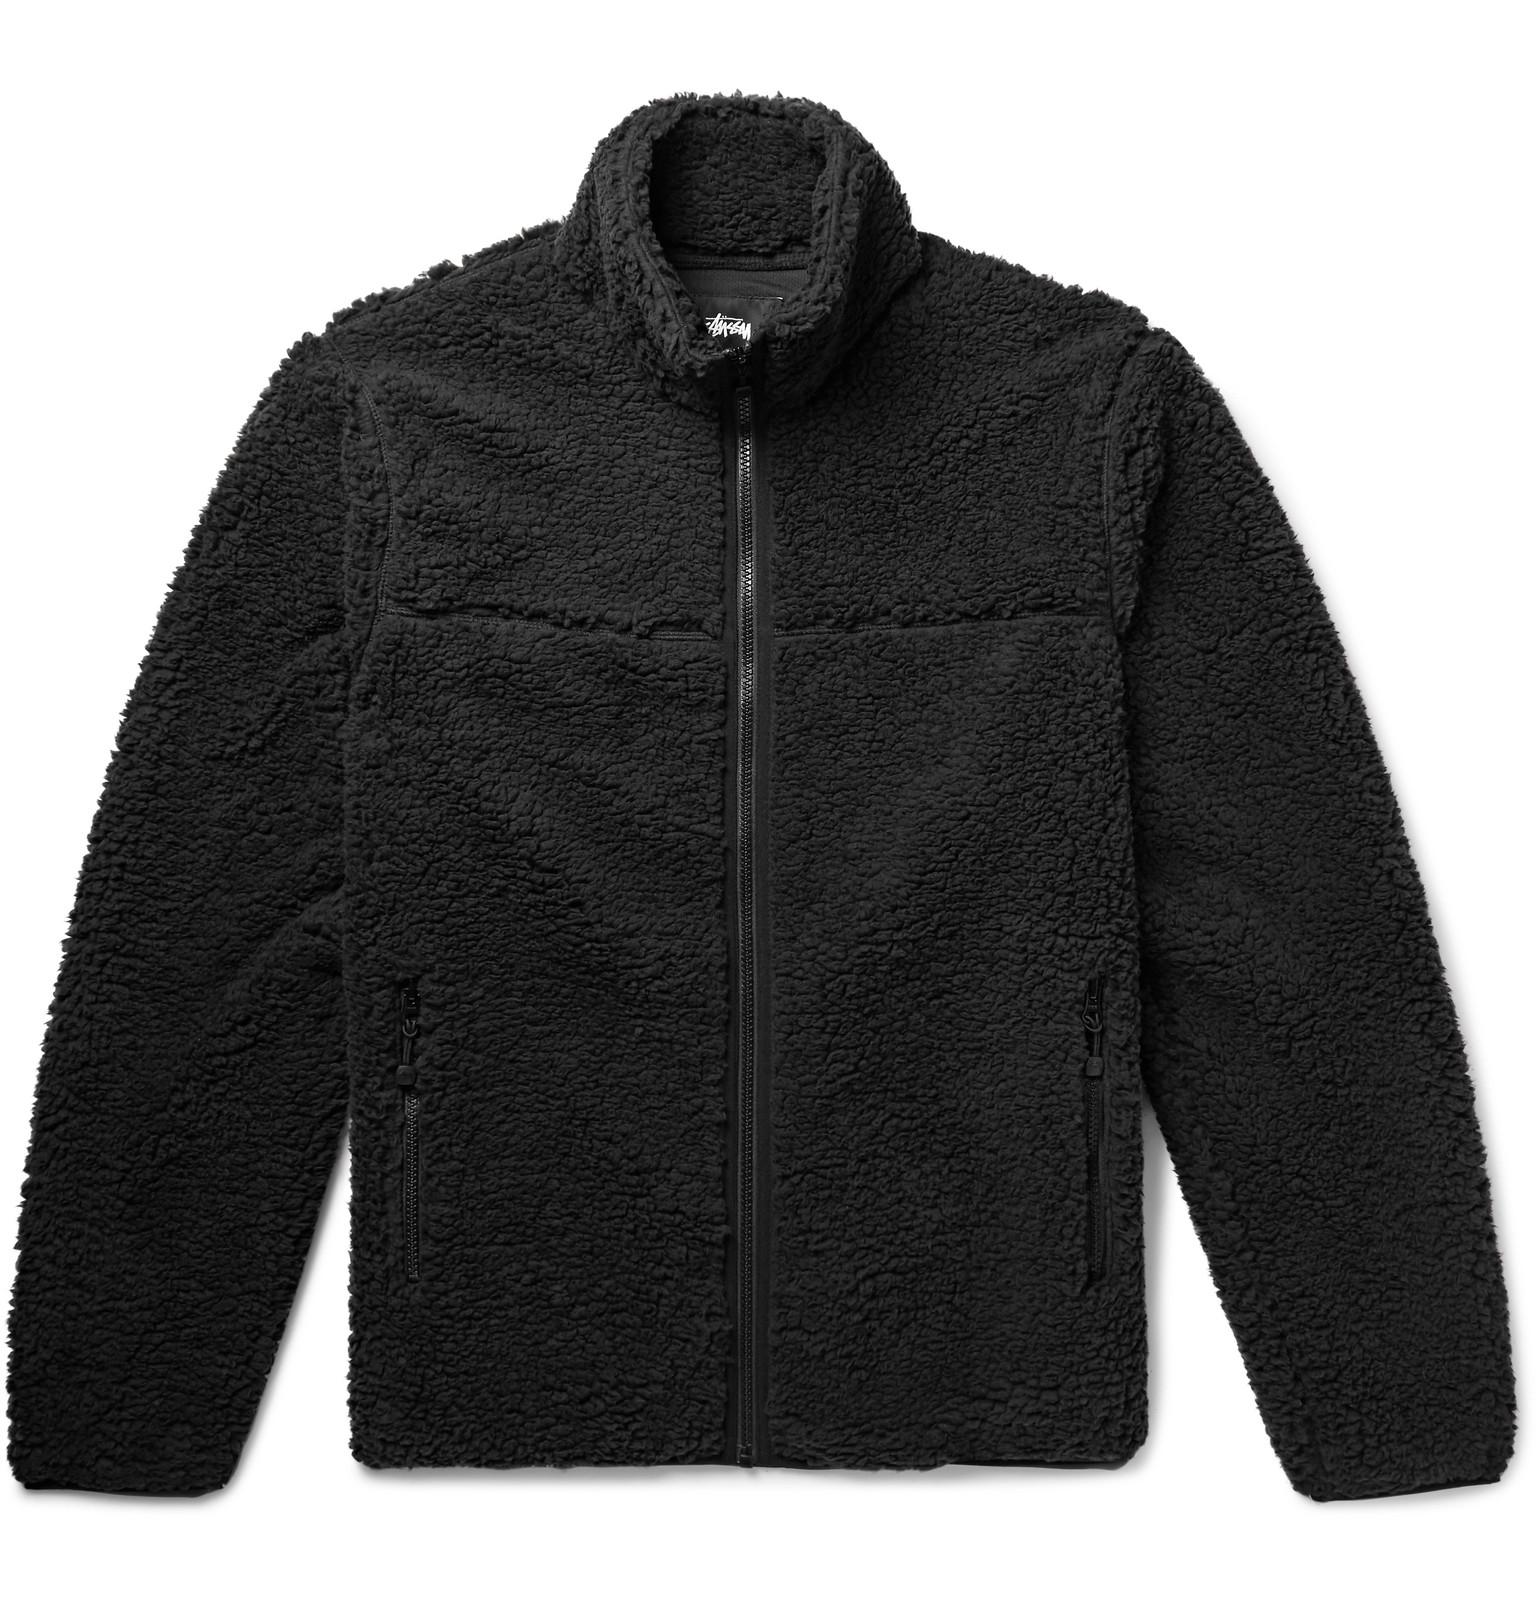 Stüssy Jacket Fleece Sherpa Stüssy Fleece Sherpa Sherpa Fleece Jacket Jacket Stüssy Sherpa Stüssy UTqCgZx